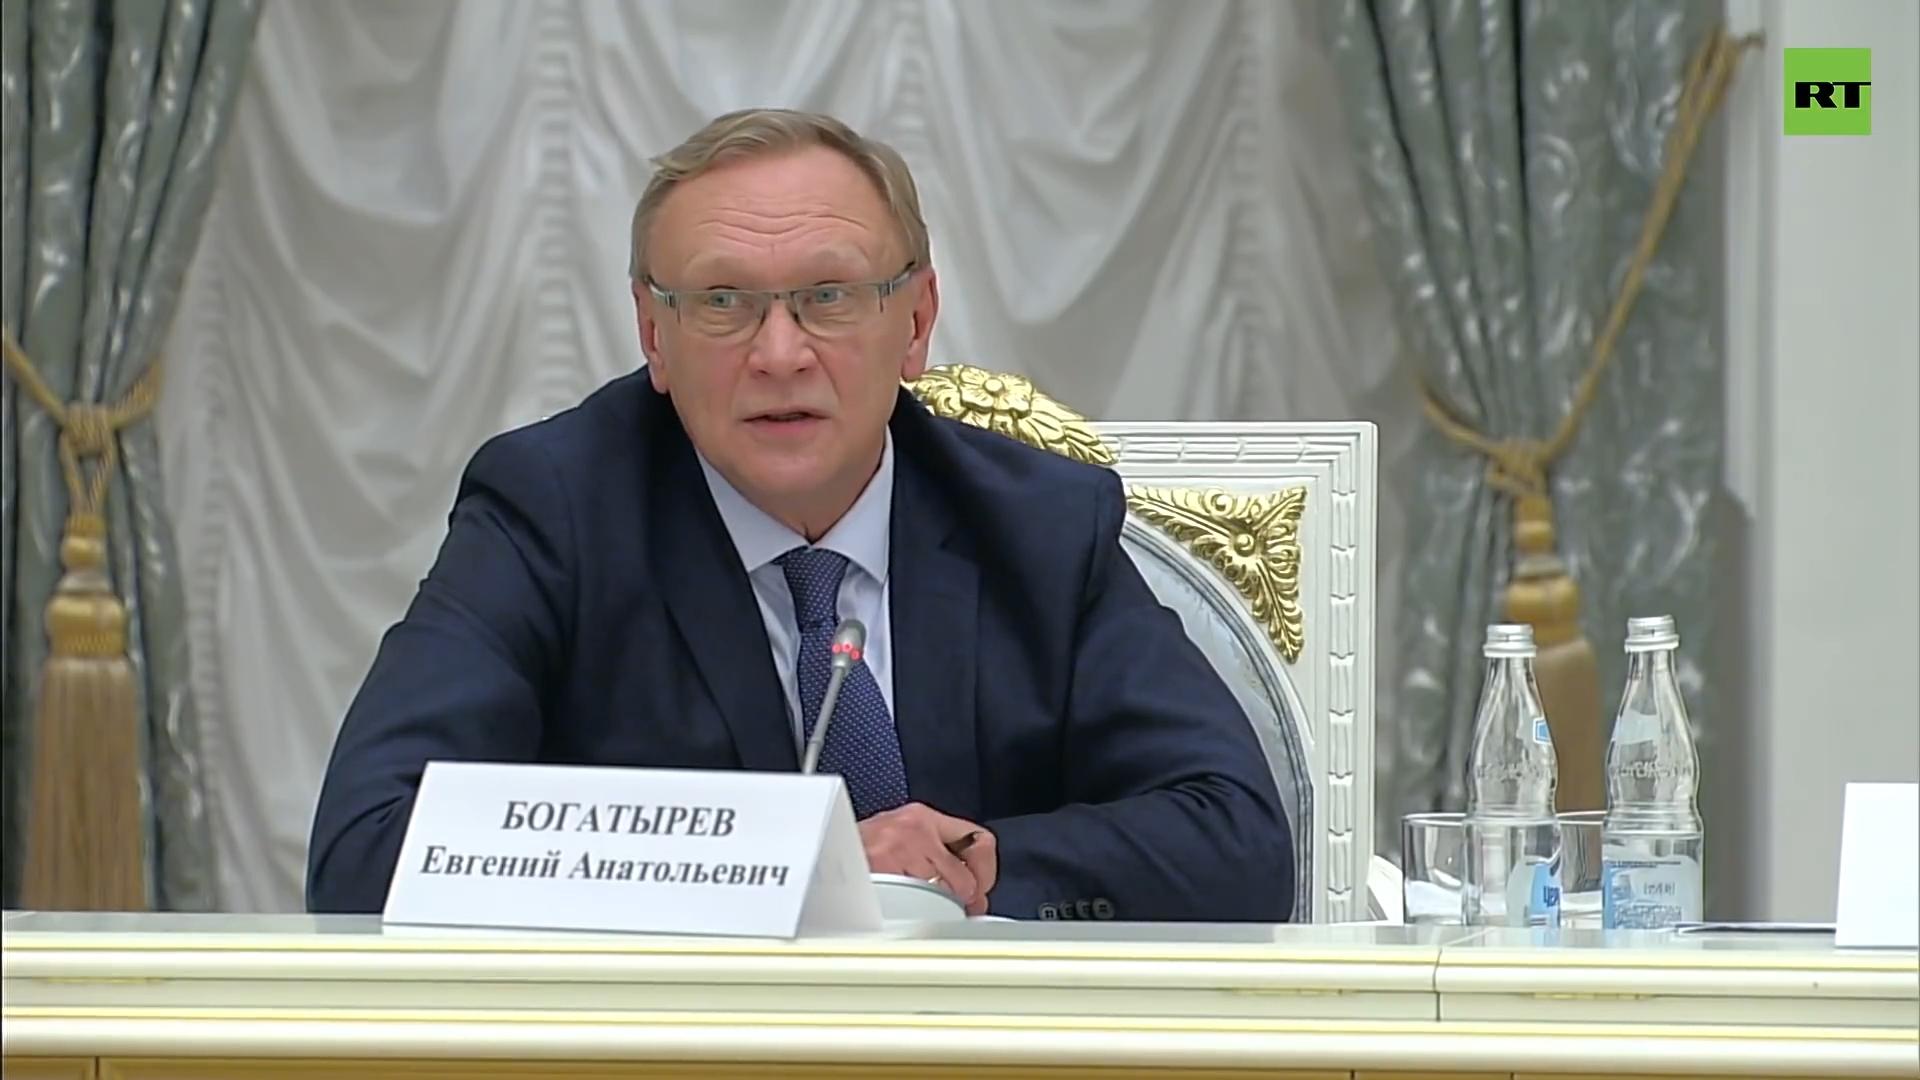 20191105_17-29-Путин поддержал идею организации юбилея Пушкина в 2024 году-pic6